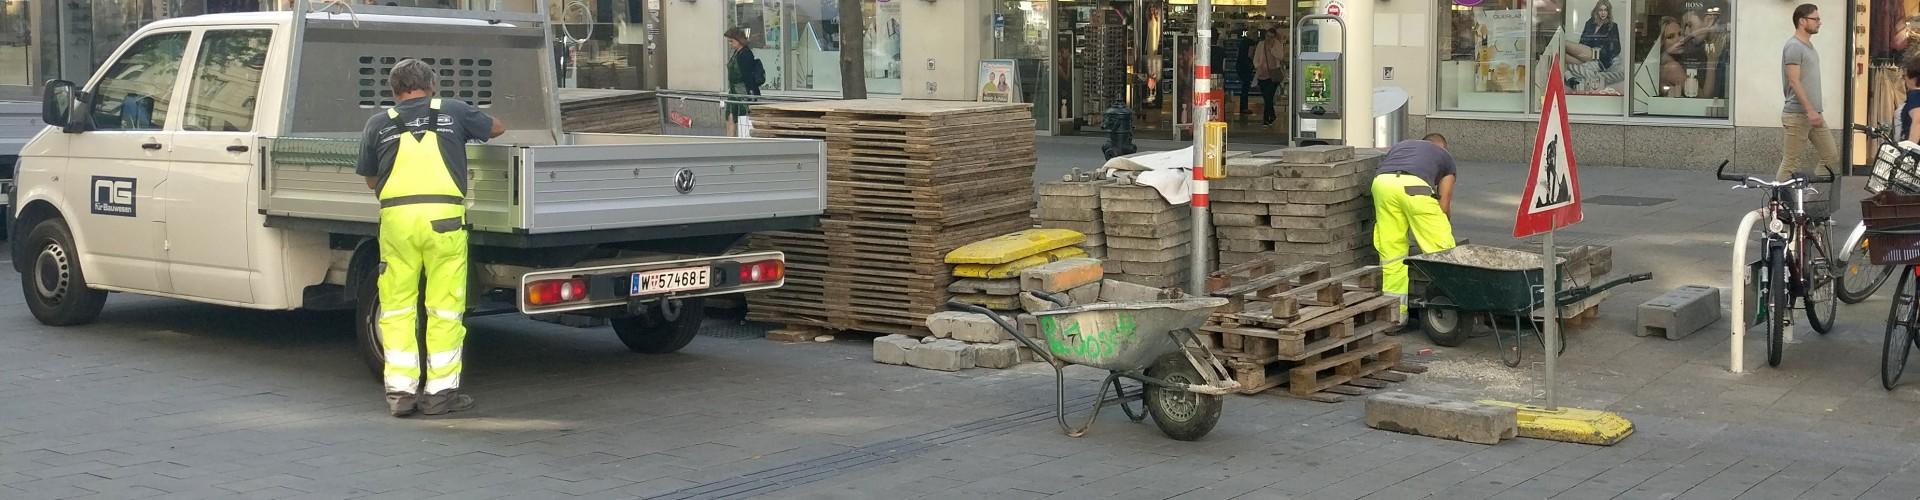 Eine Ampel für Blinde und Sehbehinderte und das Leitliniensystem auf der Mariahilferstraße in Wien ist von Baumaterial umstellt und dadurch unbenutzbar.